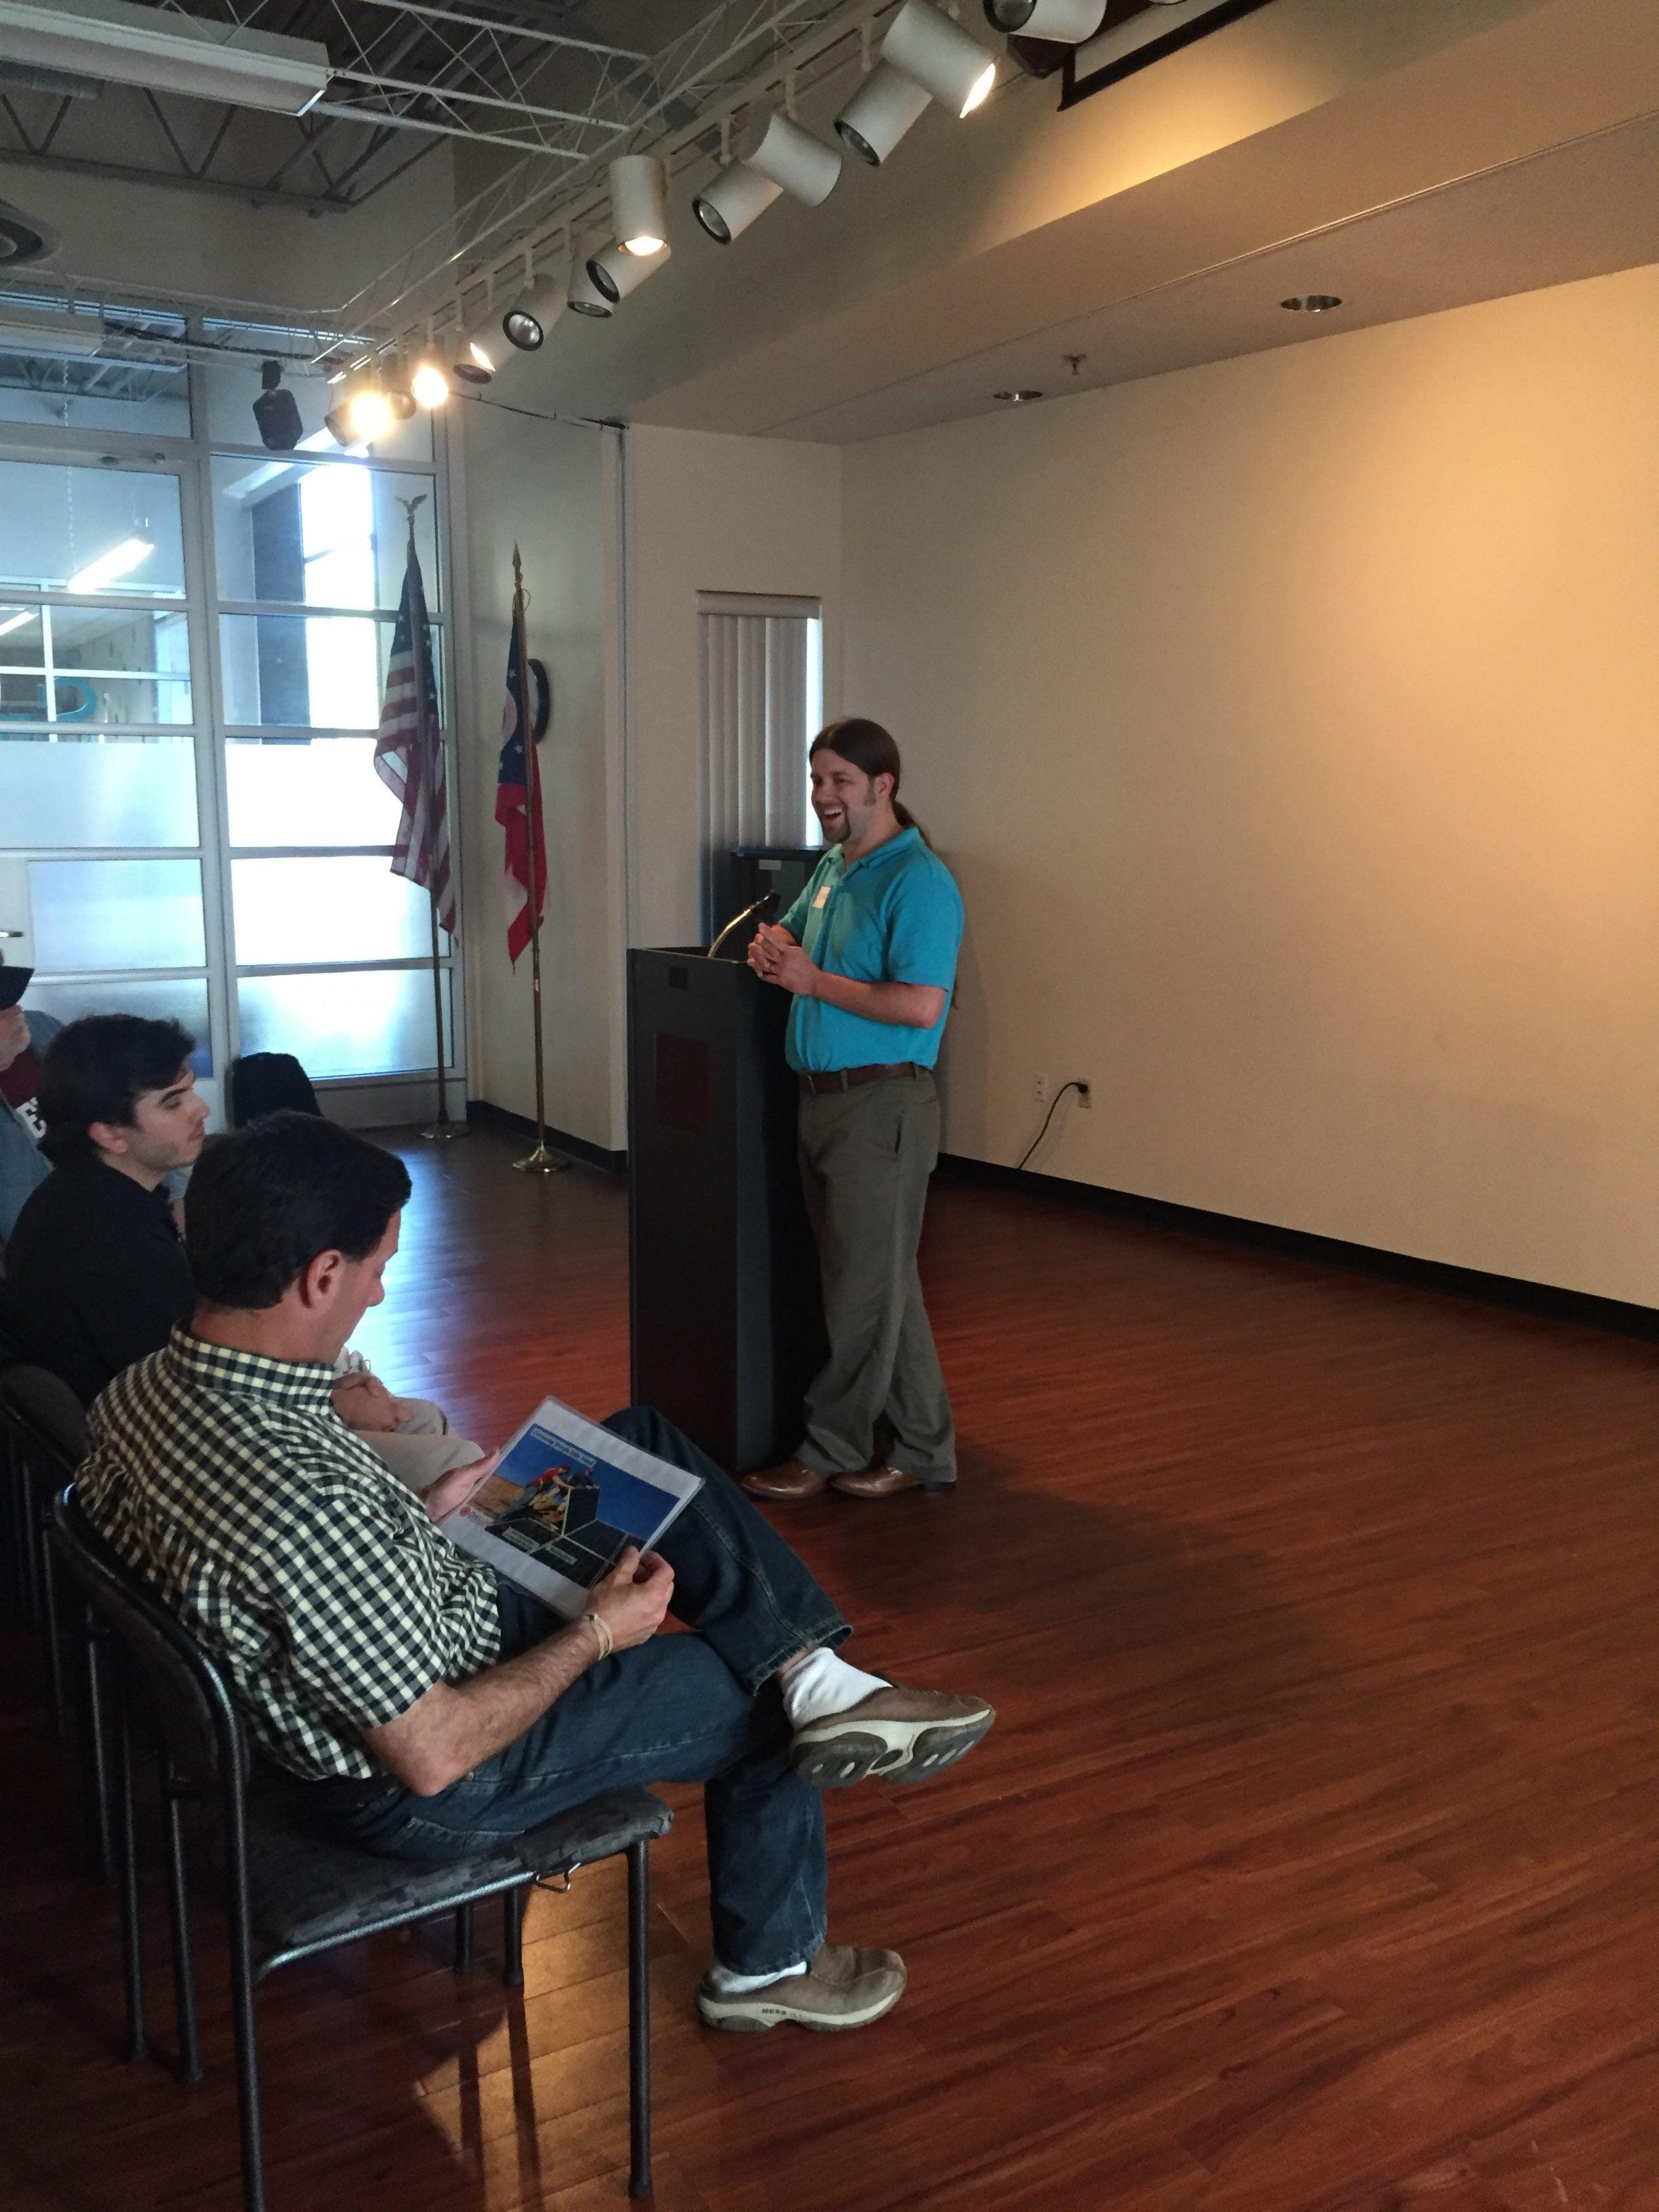 Luke Sulfridge leads co-op meeting